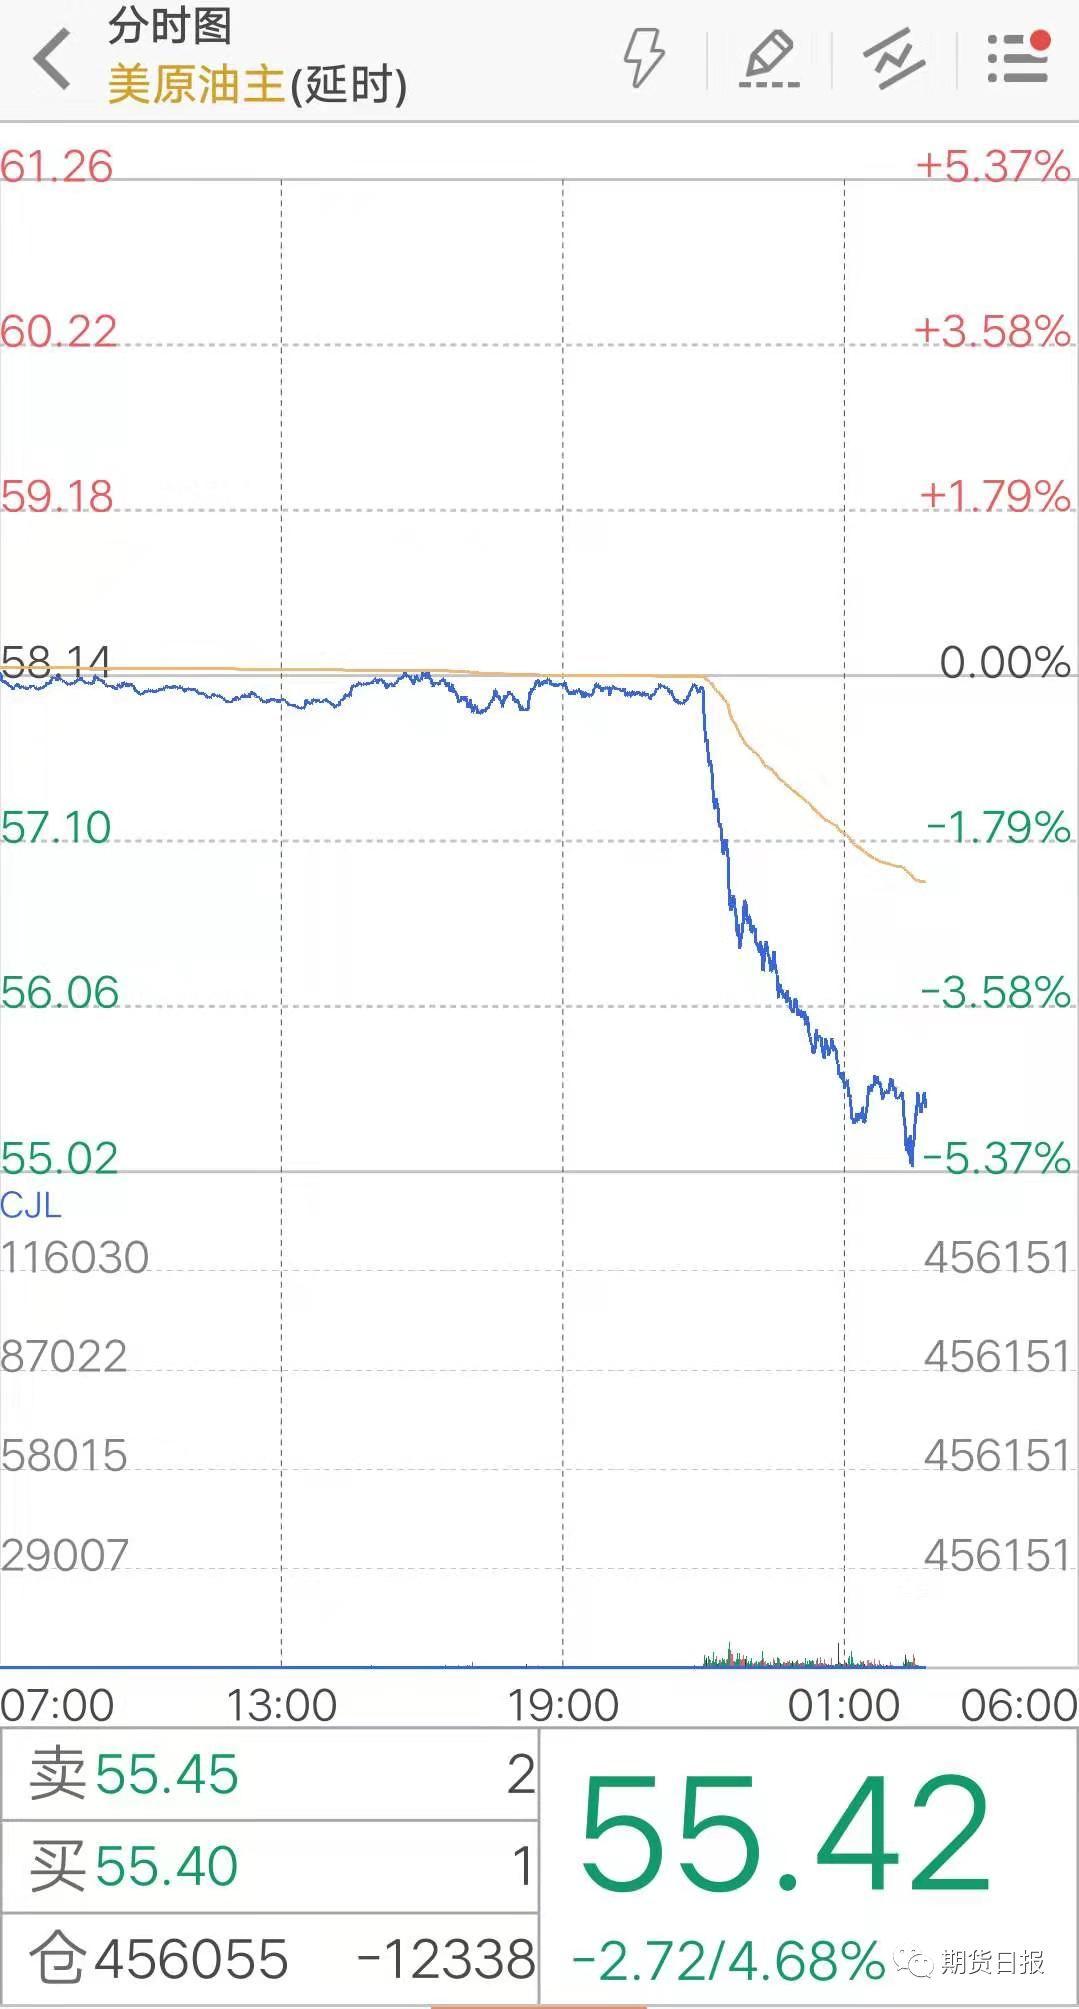 """一条传言引发暴跌,原油遭遇""""黑色星期五"""",是深度下滑的前奏还是""""假摔""""?"""